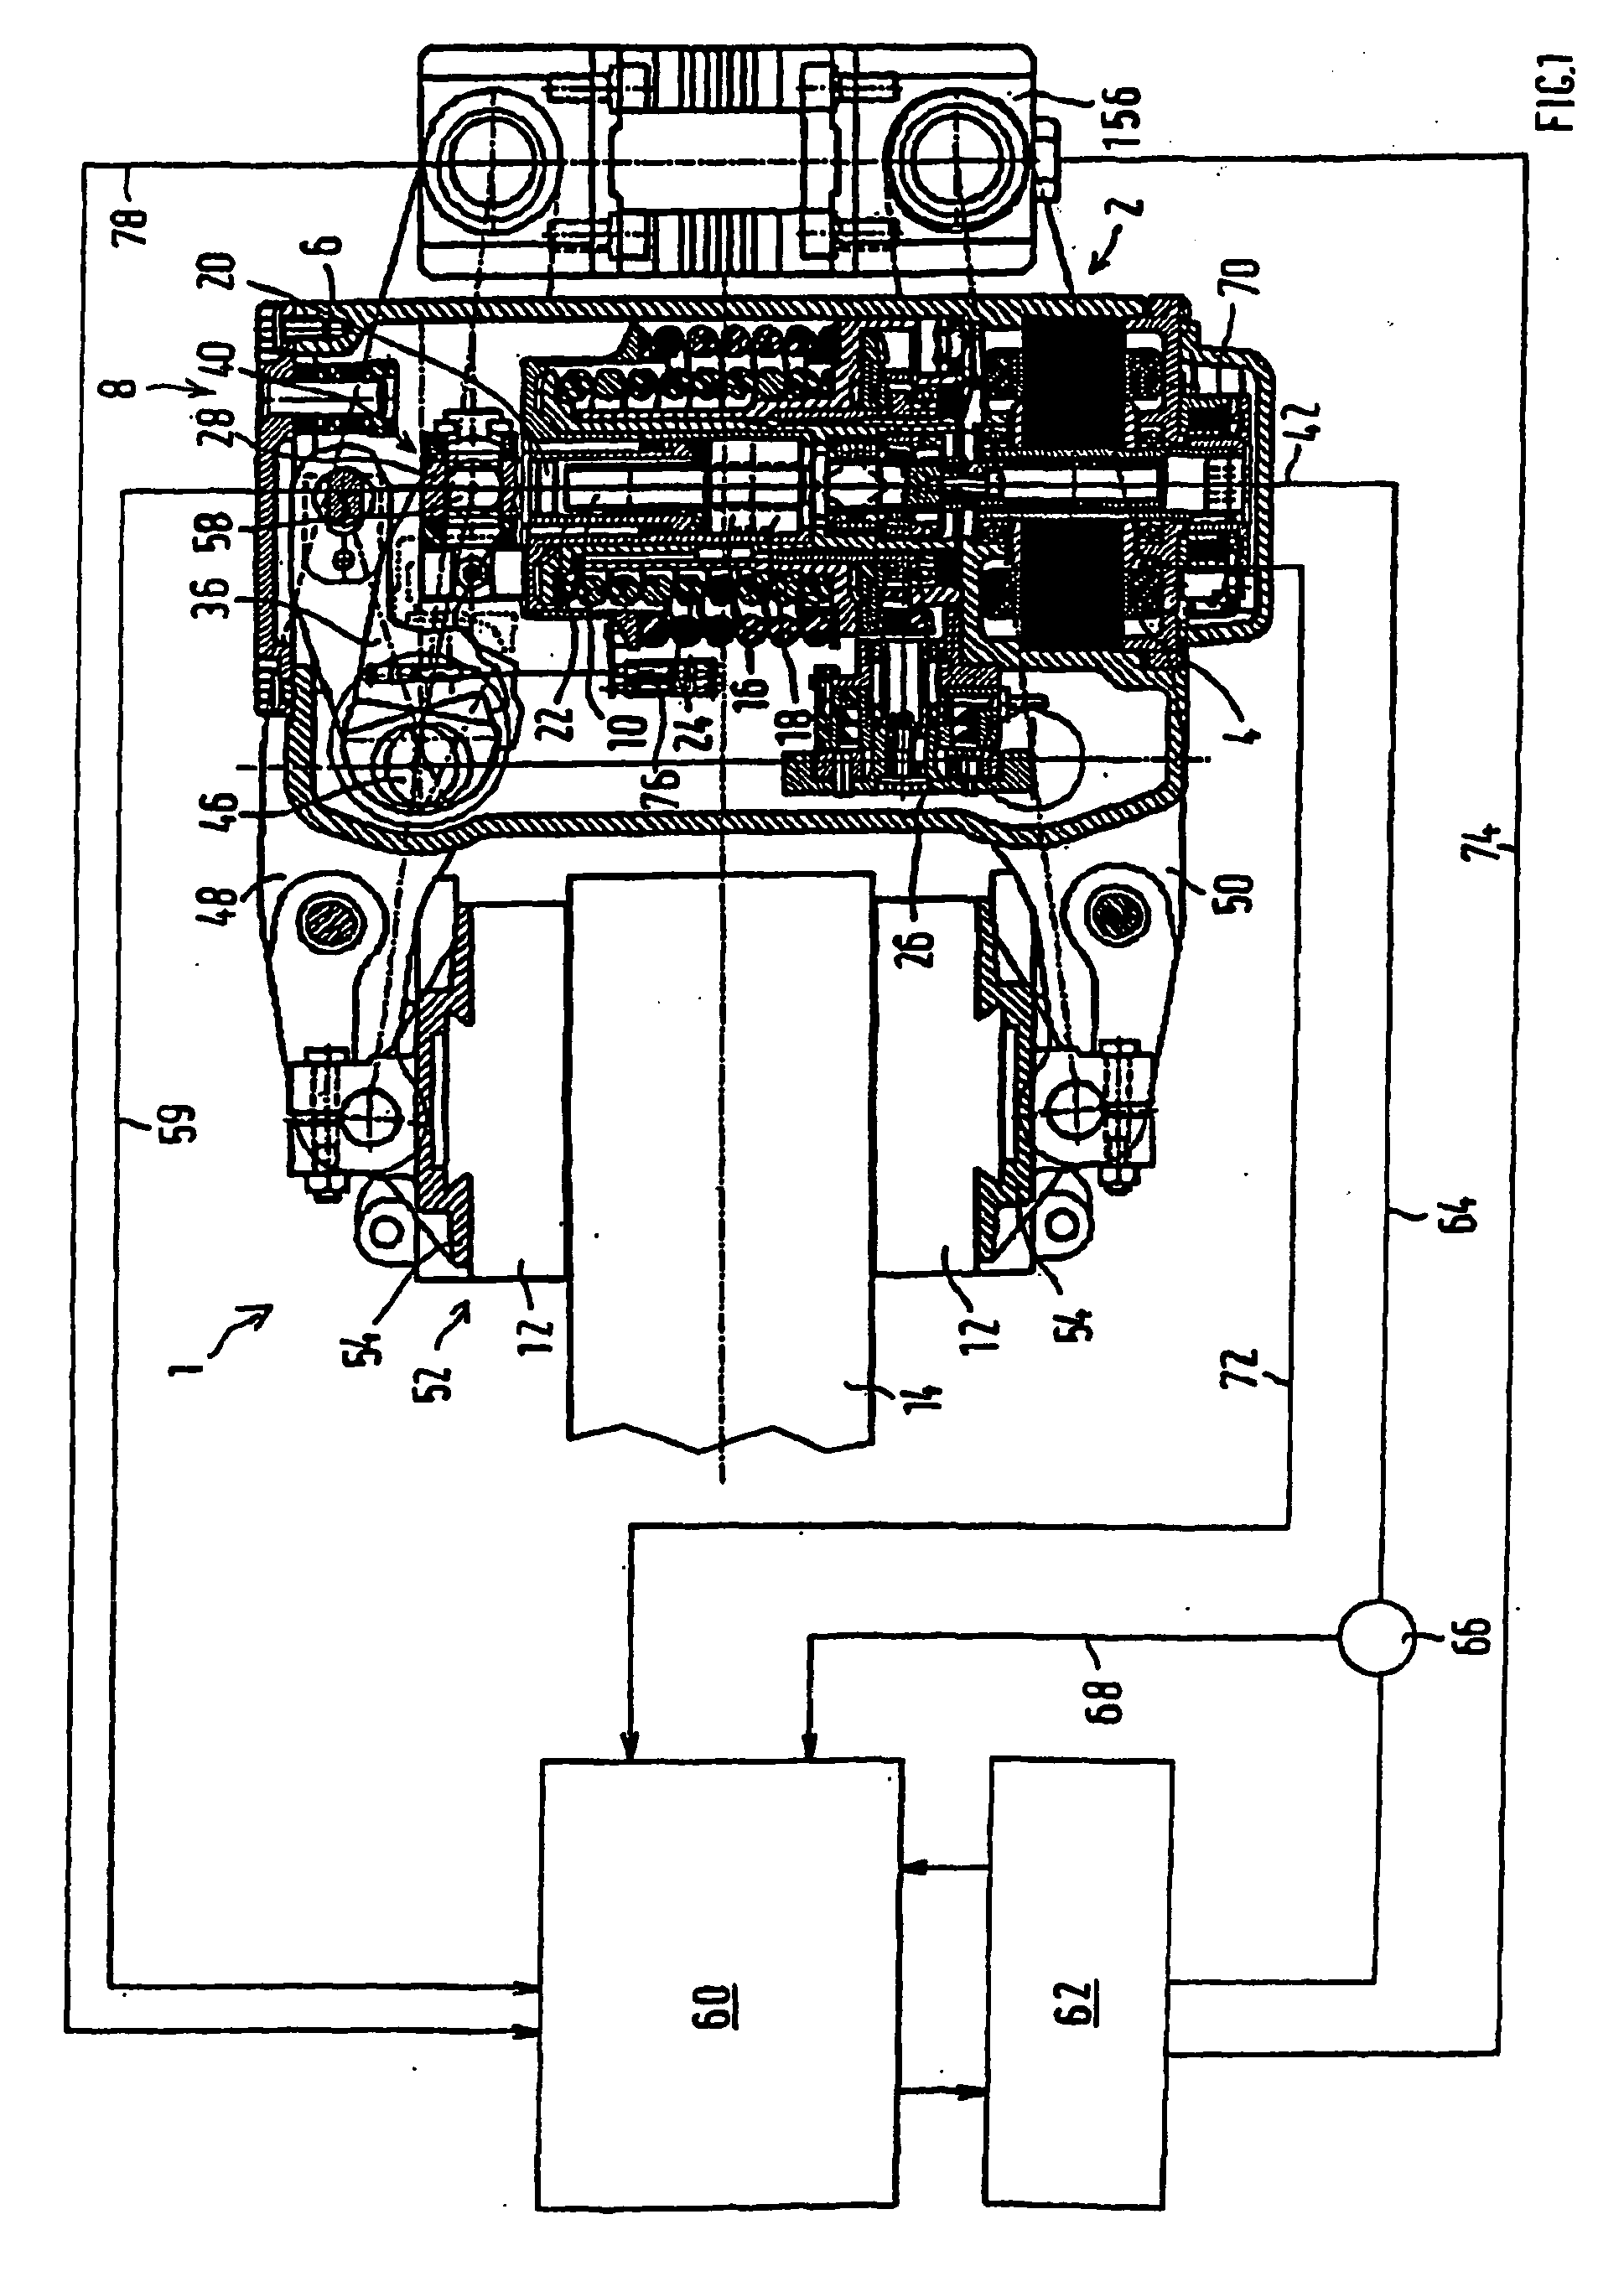 patent ep1492692b2 verfahren und vorrichtung zur ansteuerung einer elektrisch bet tigten. Black Bedroom Furniture Sets. Home Design Ideas